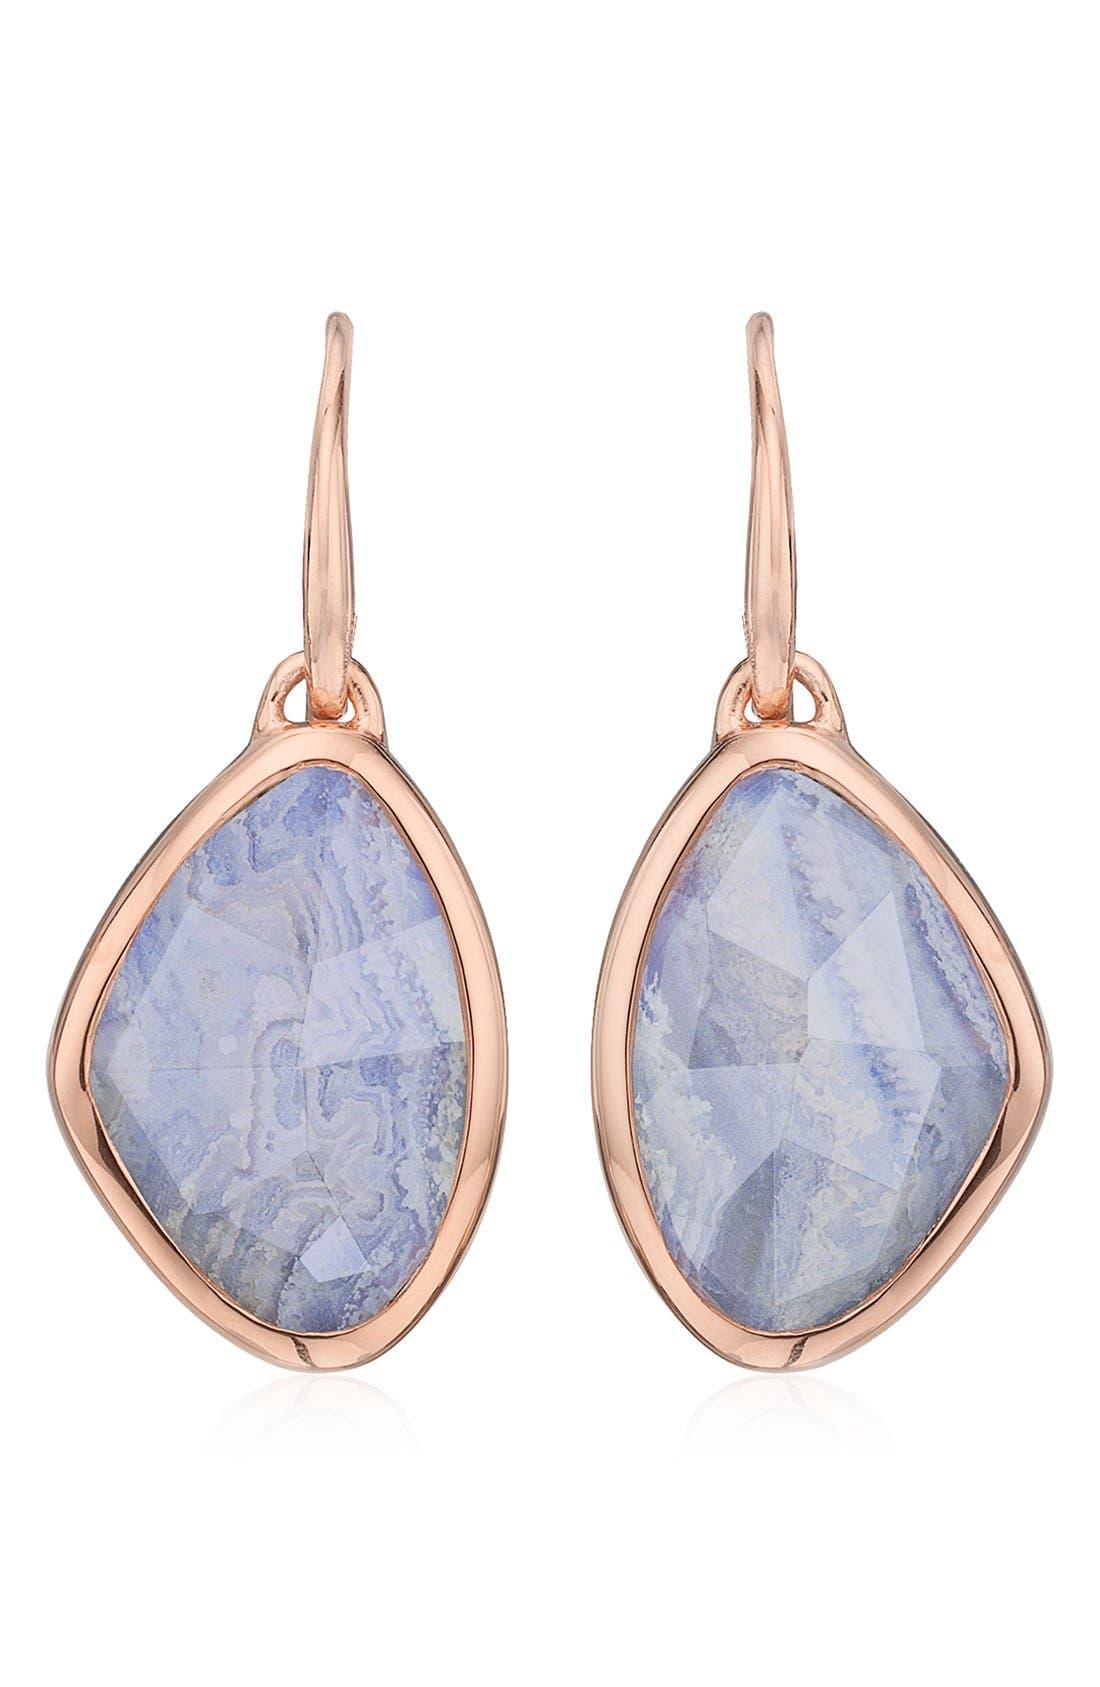 'Siren' Teardrop Earrings,                         Main,                         color, BLUE LACE AGATE/ ROSE GOLD